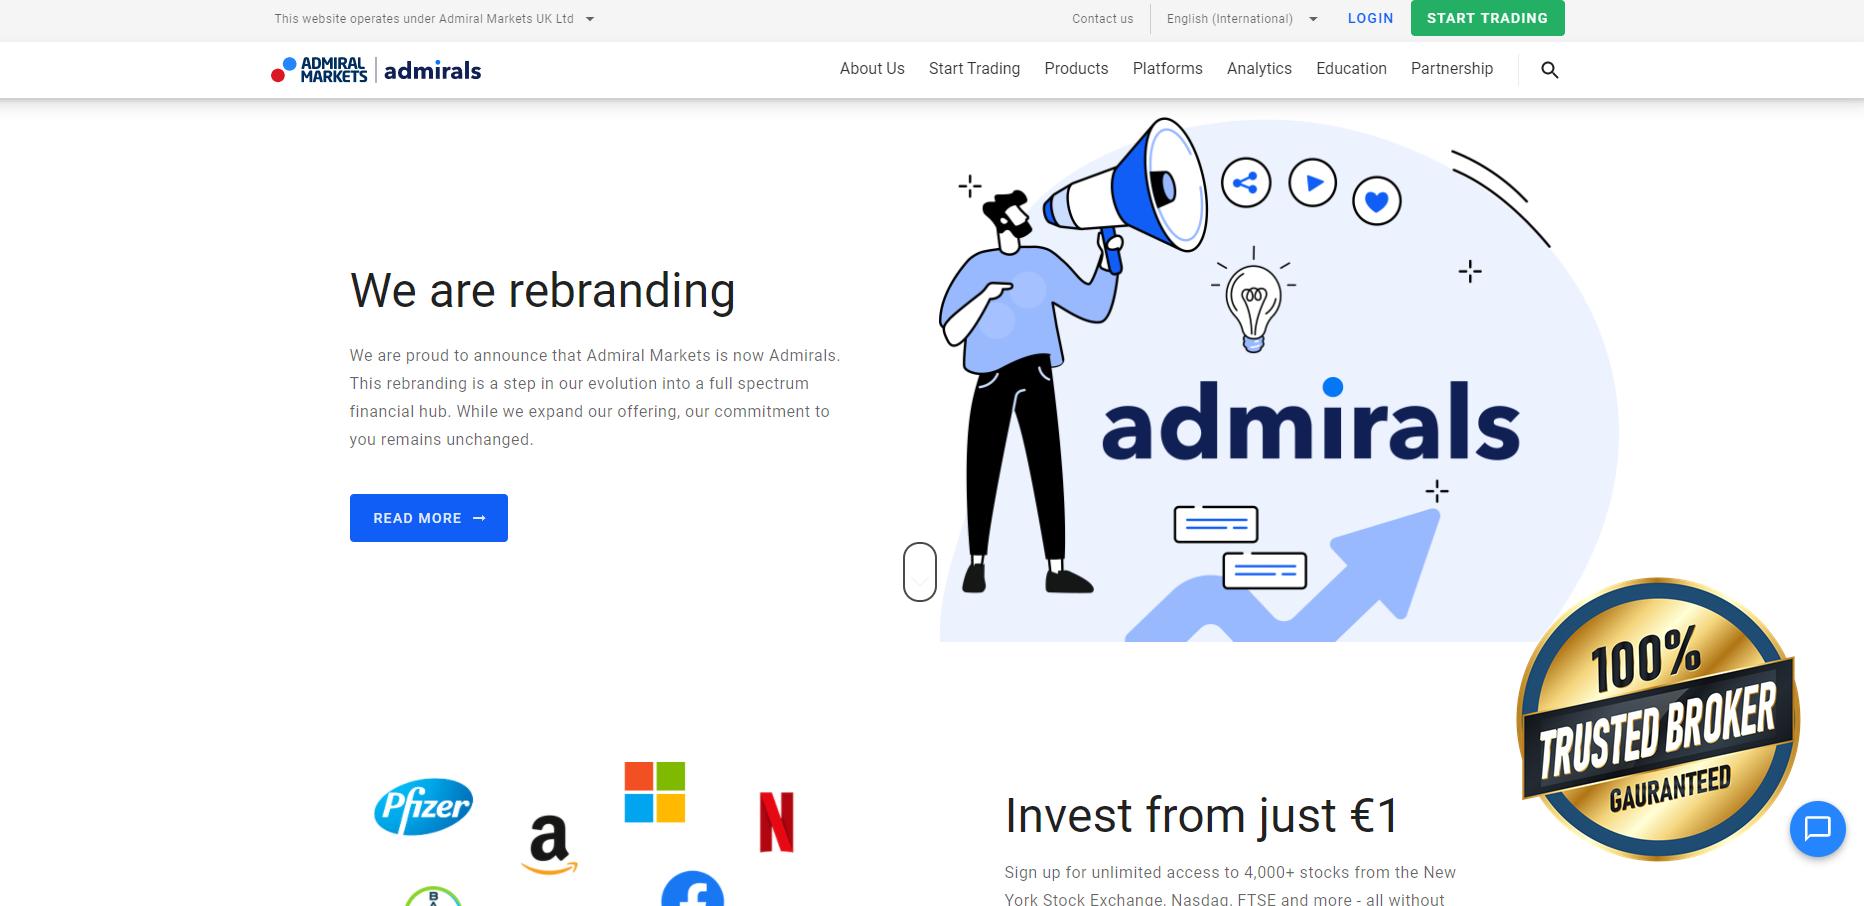 Sitio web oficial Admirals